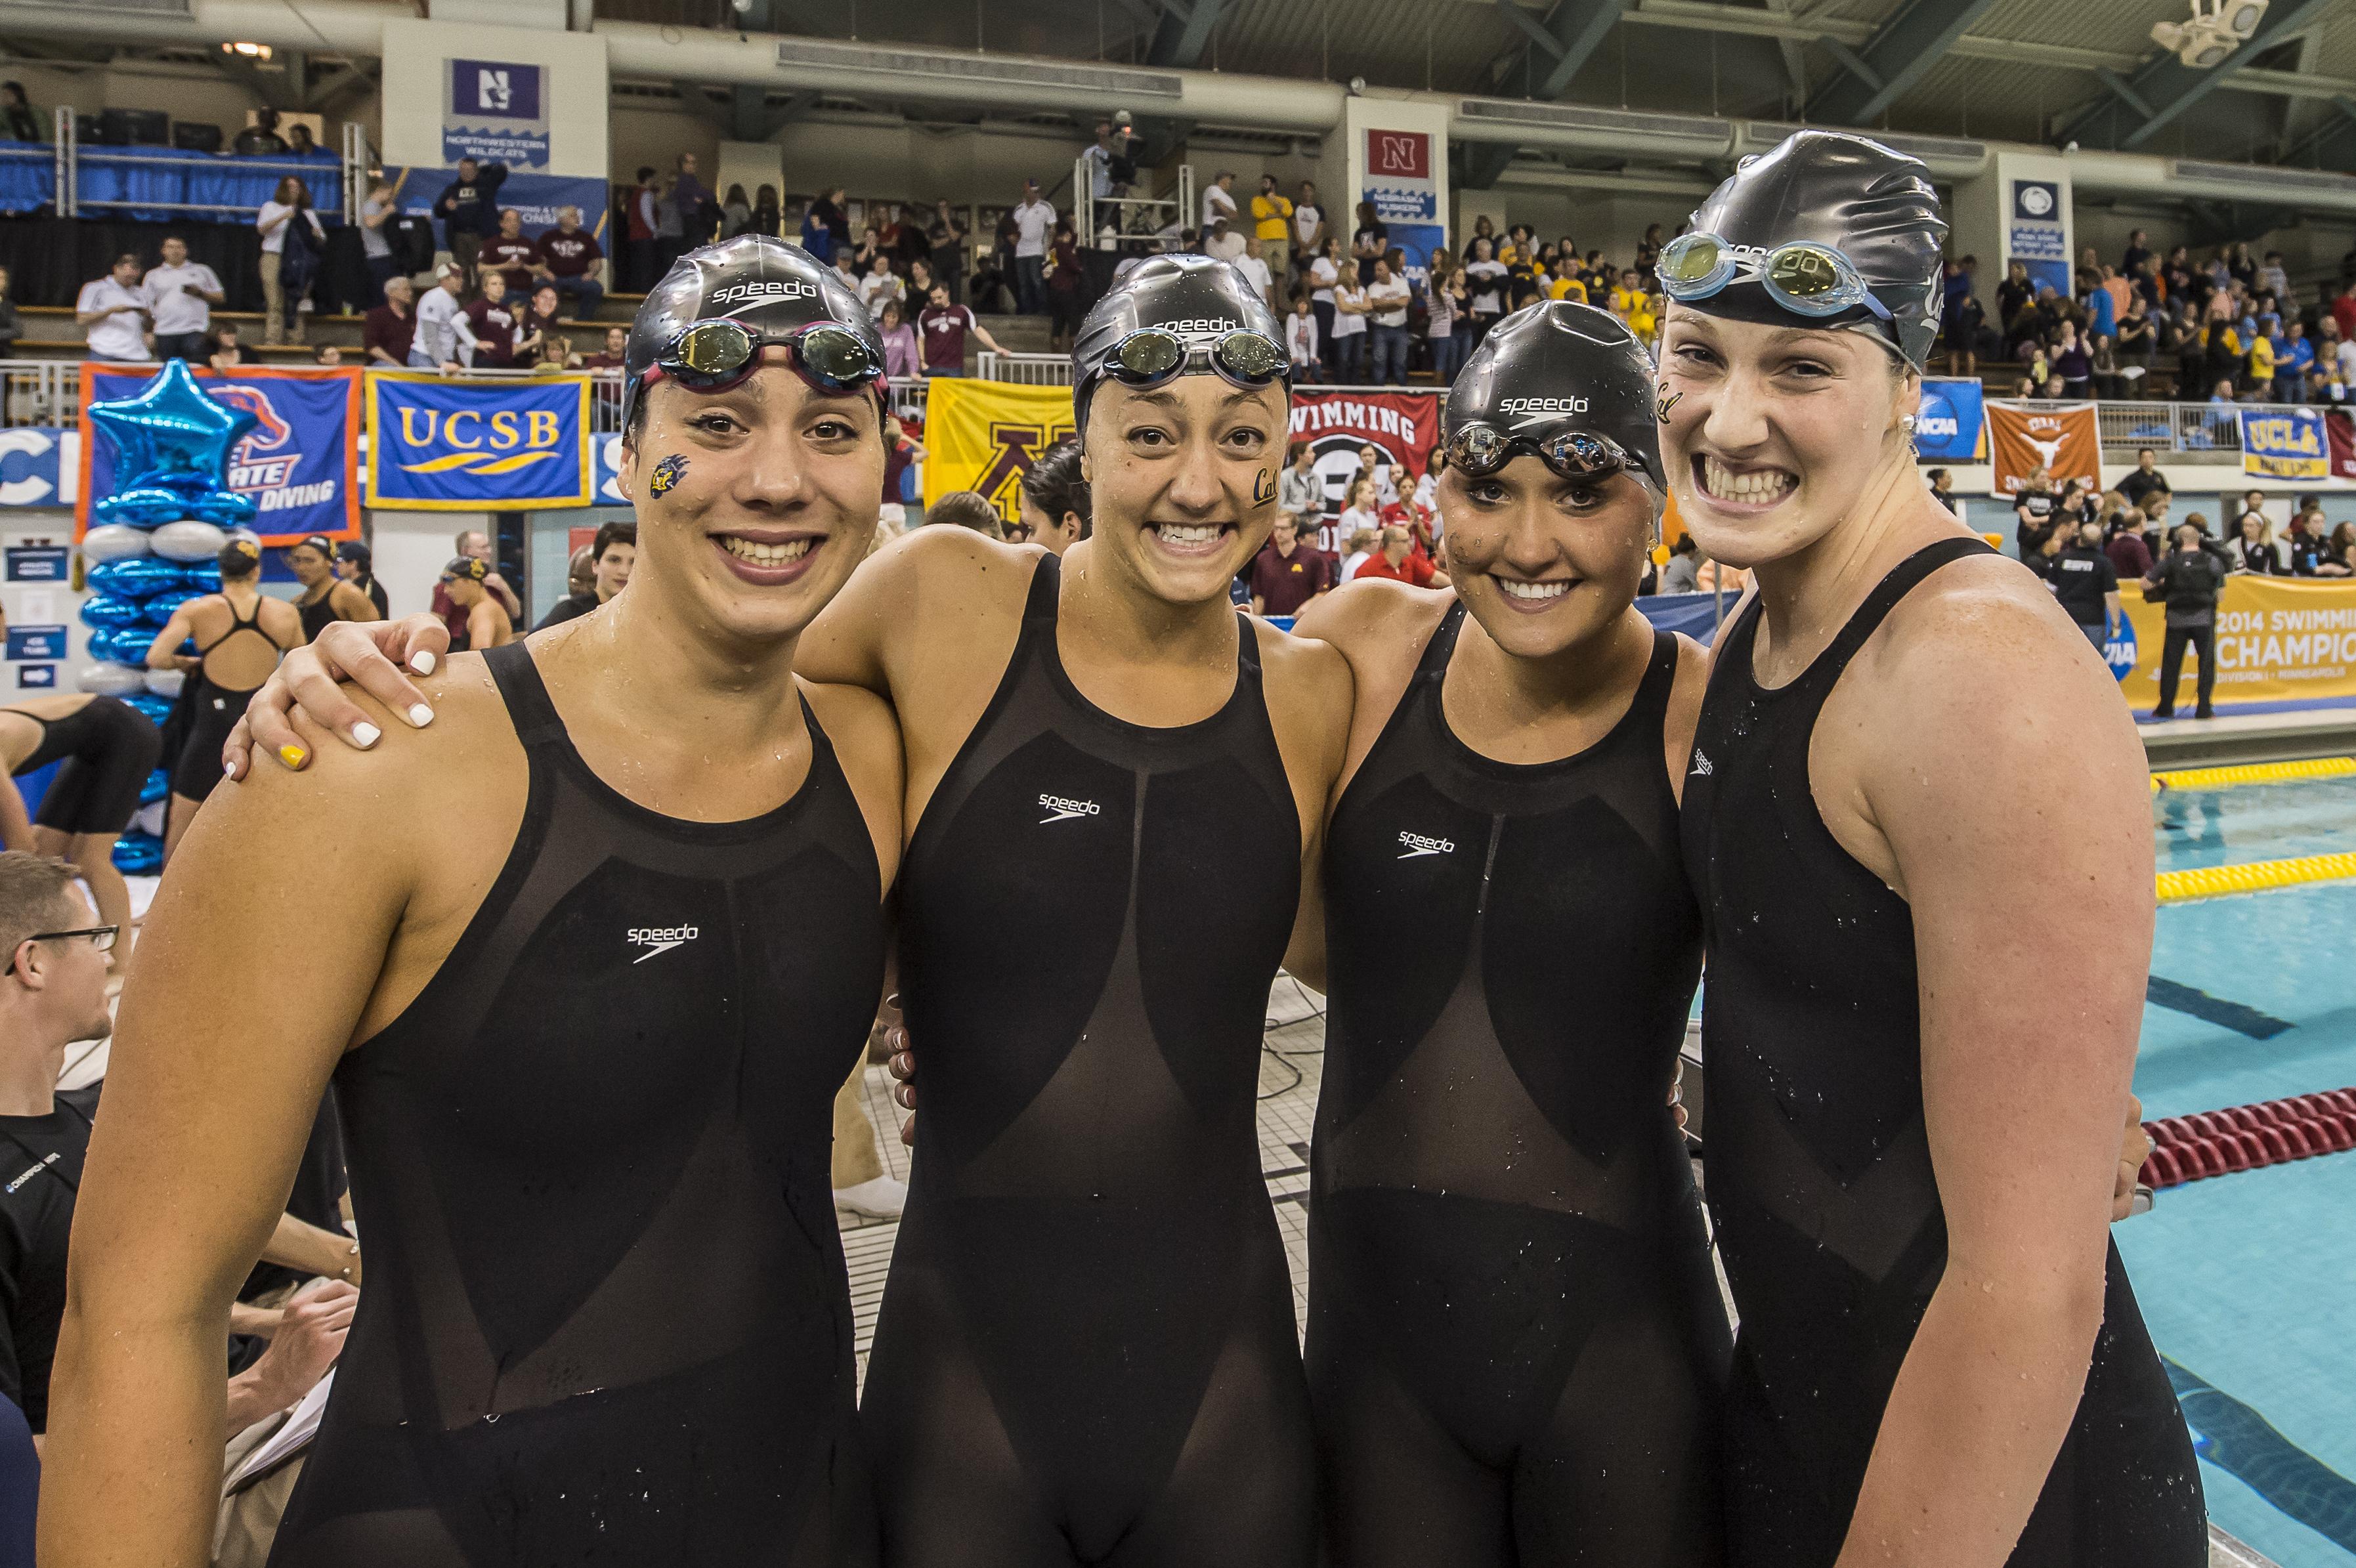 California Tops CSCAA NCAA DI Women's Rankings